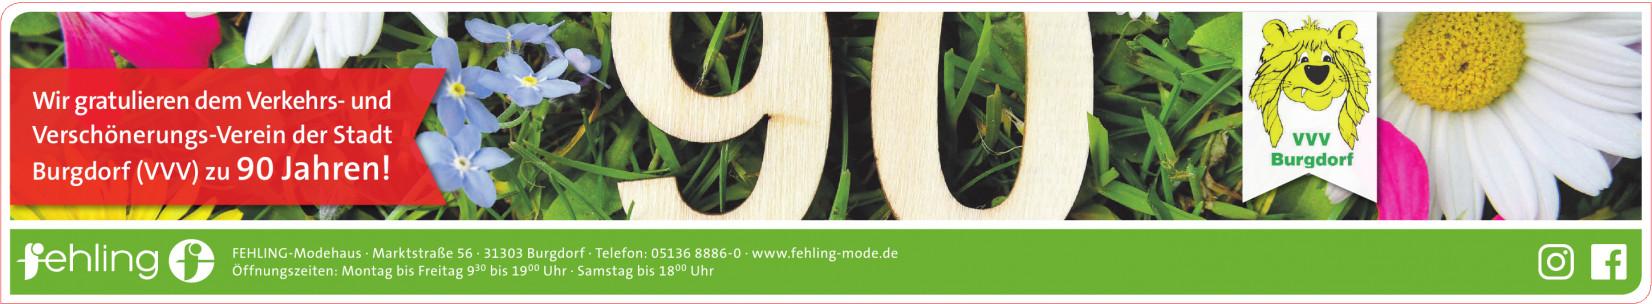 Fehling-Modehaus